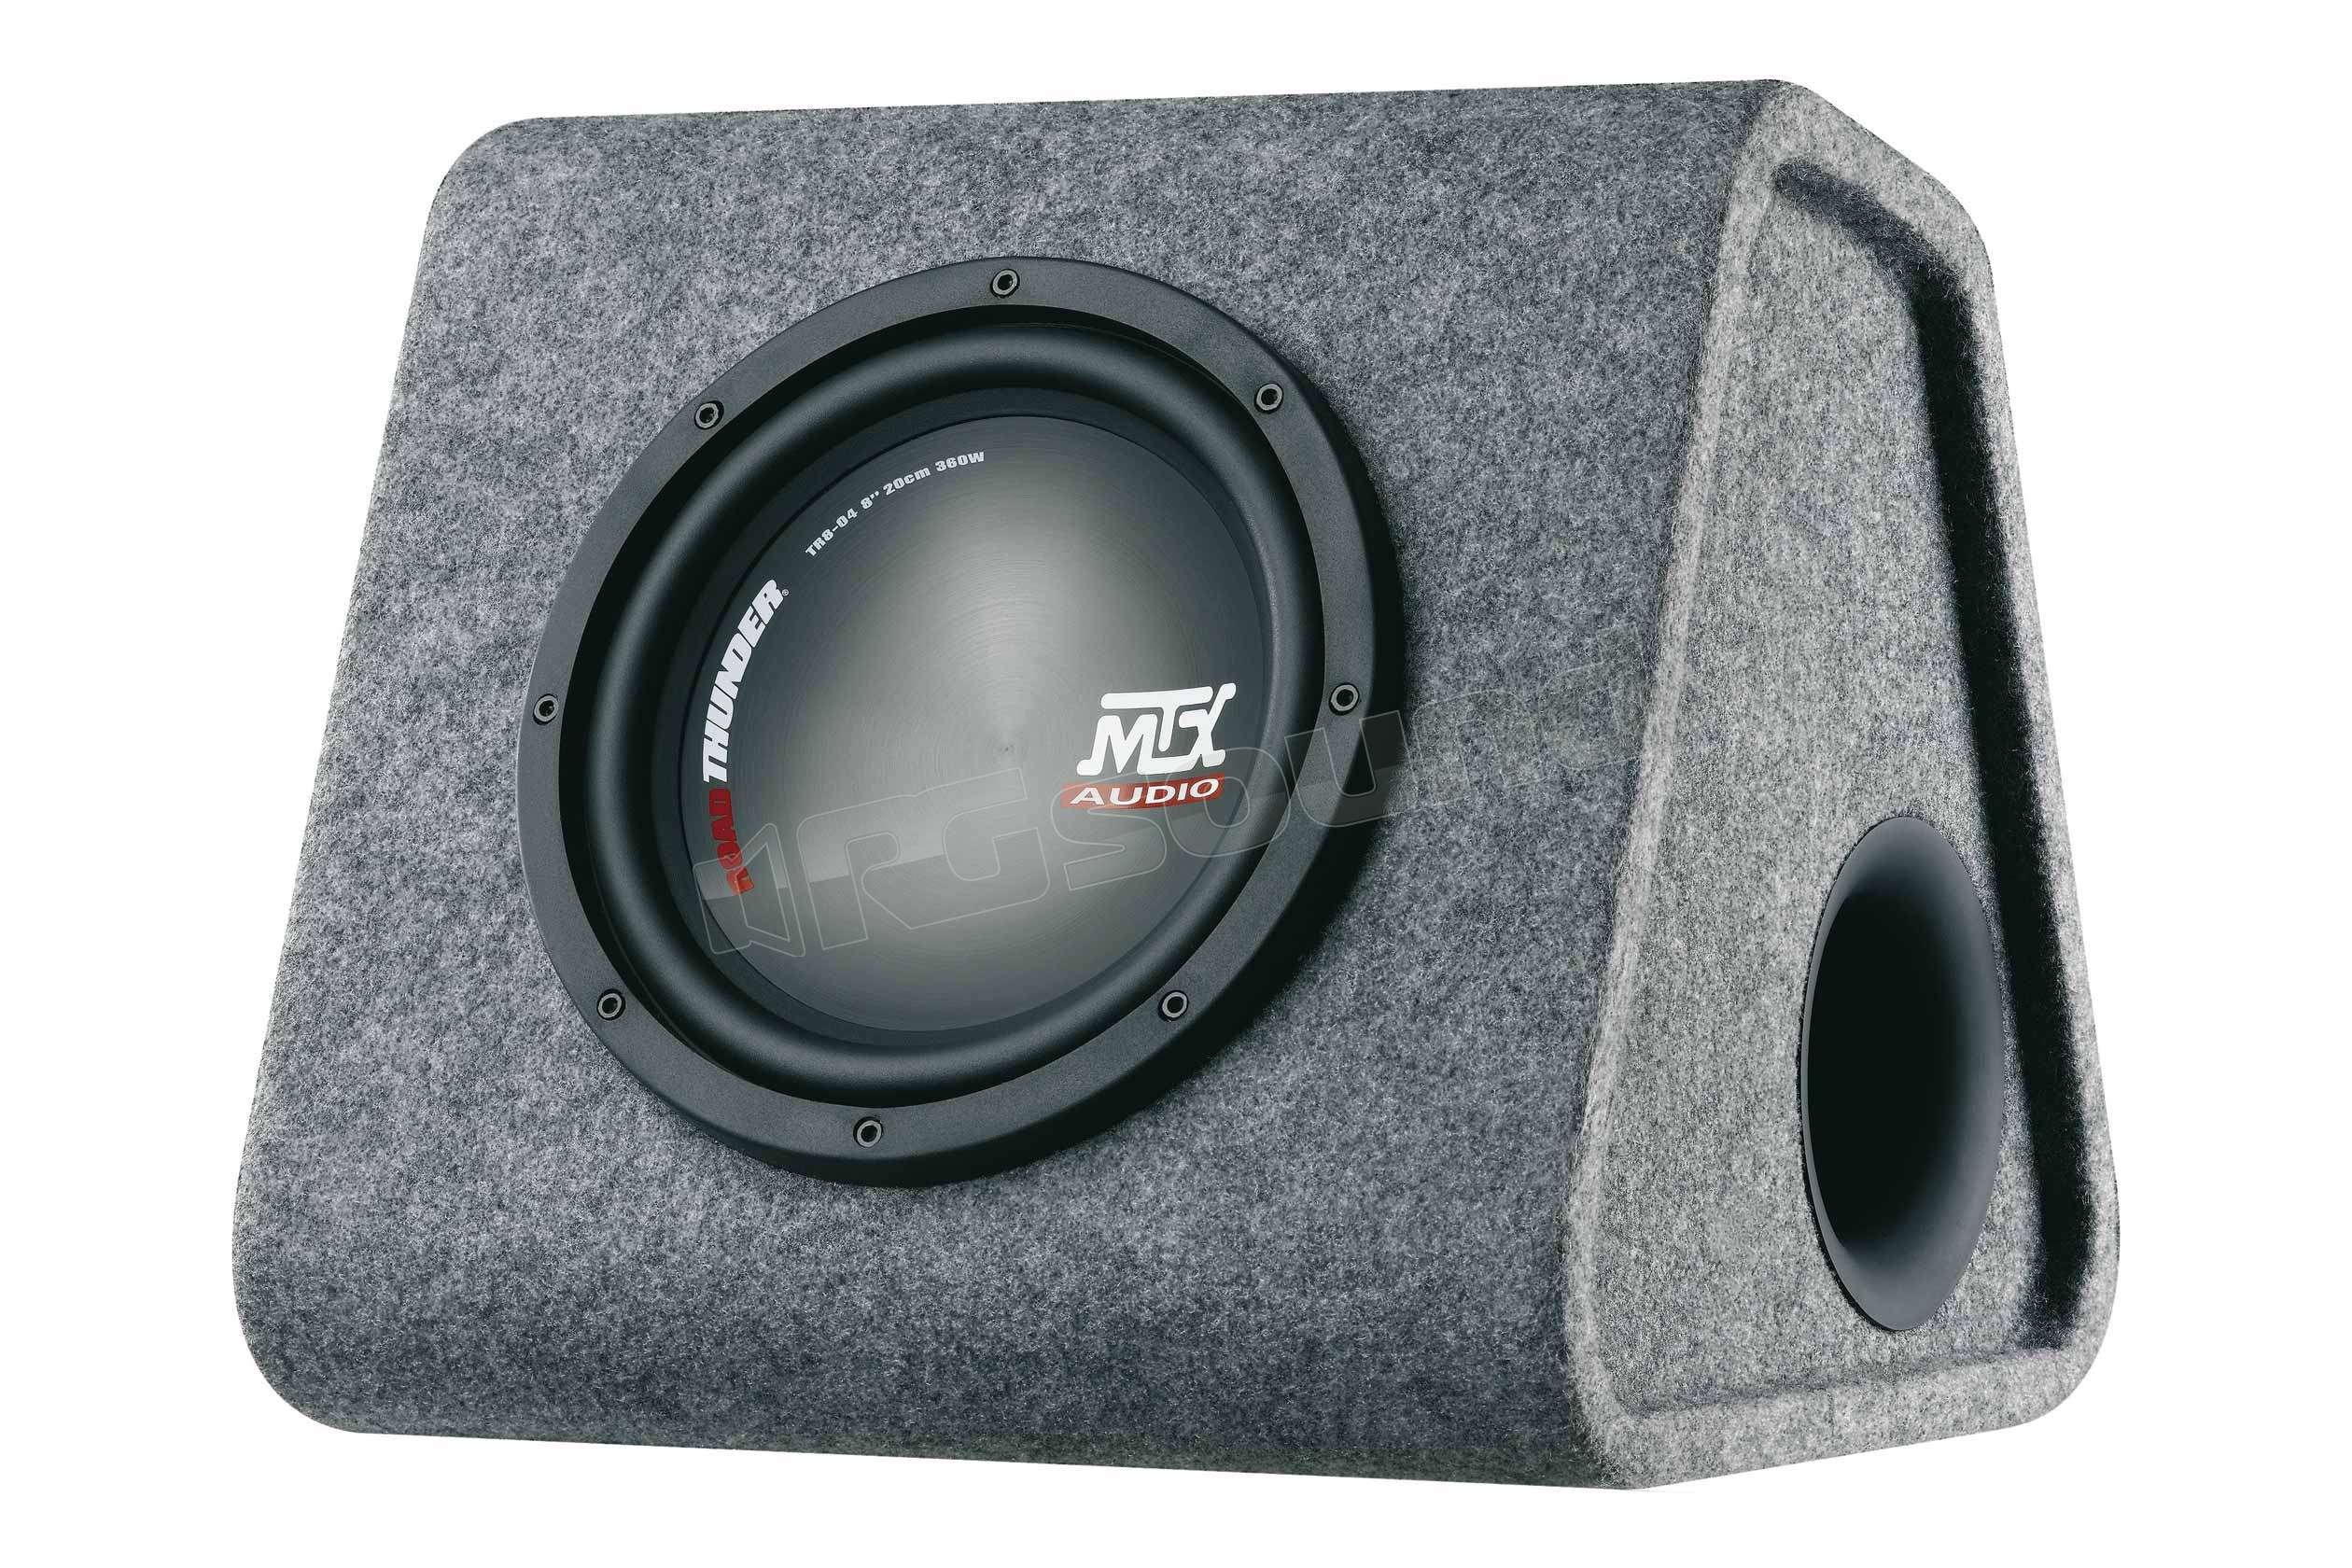 mtx audio rtp 8 subwoofer subwoofer amplificati rg sound store. Black Bedroom Furniture Sets. Home Design Ideas